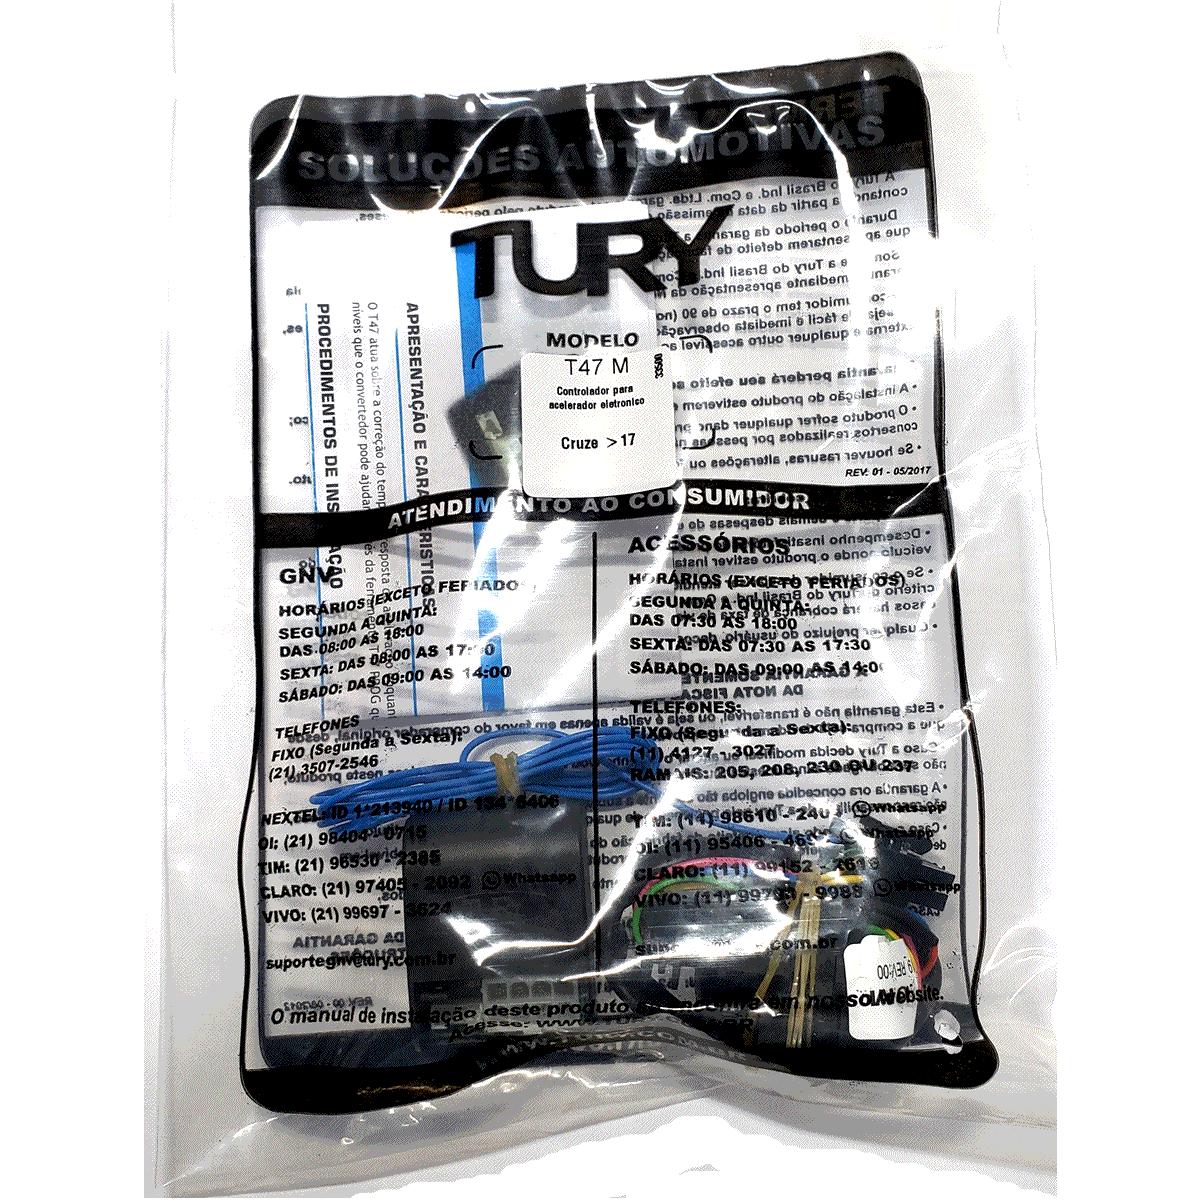 Variador Acelerador Eletrônico GNV T47 M GM Cruze Equinox Plug & Play TURY GAS